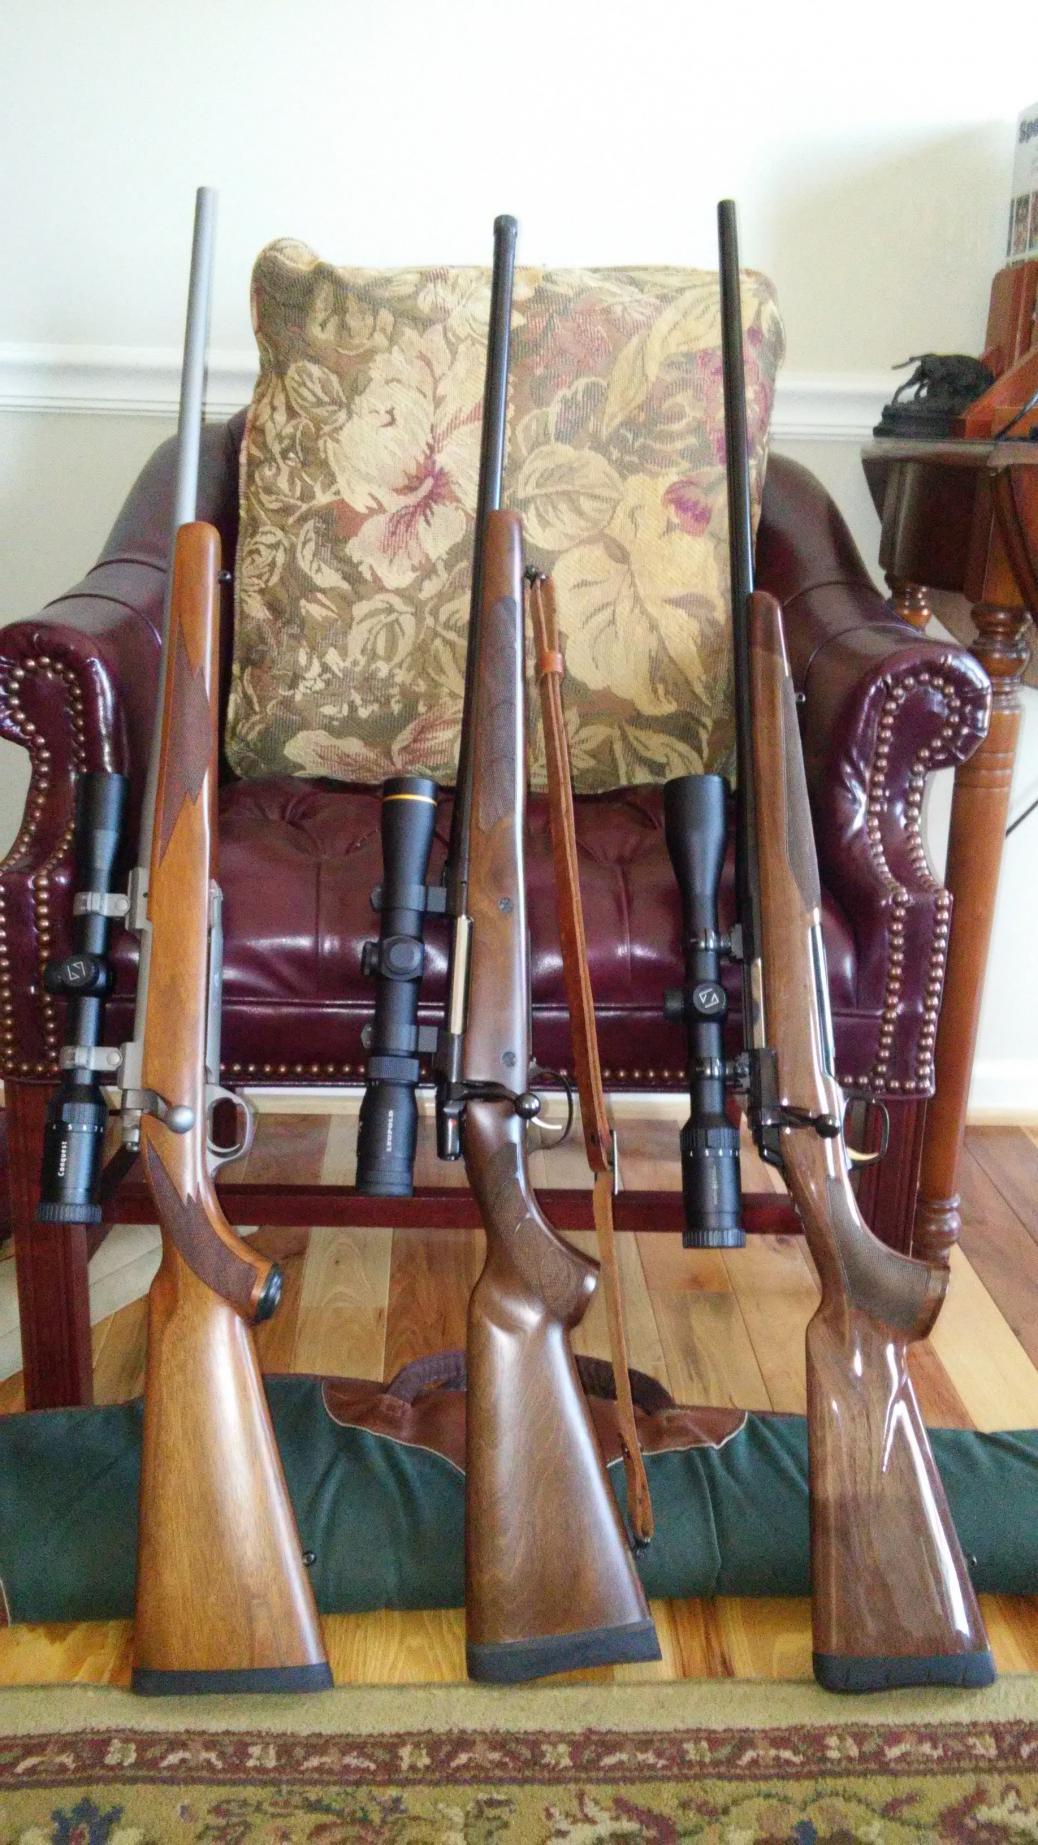 Cz 550 fs - Shooters Forum